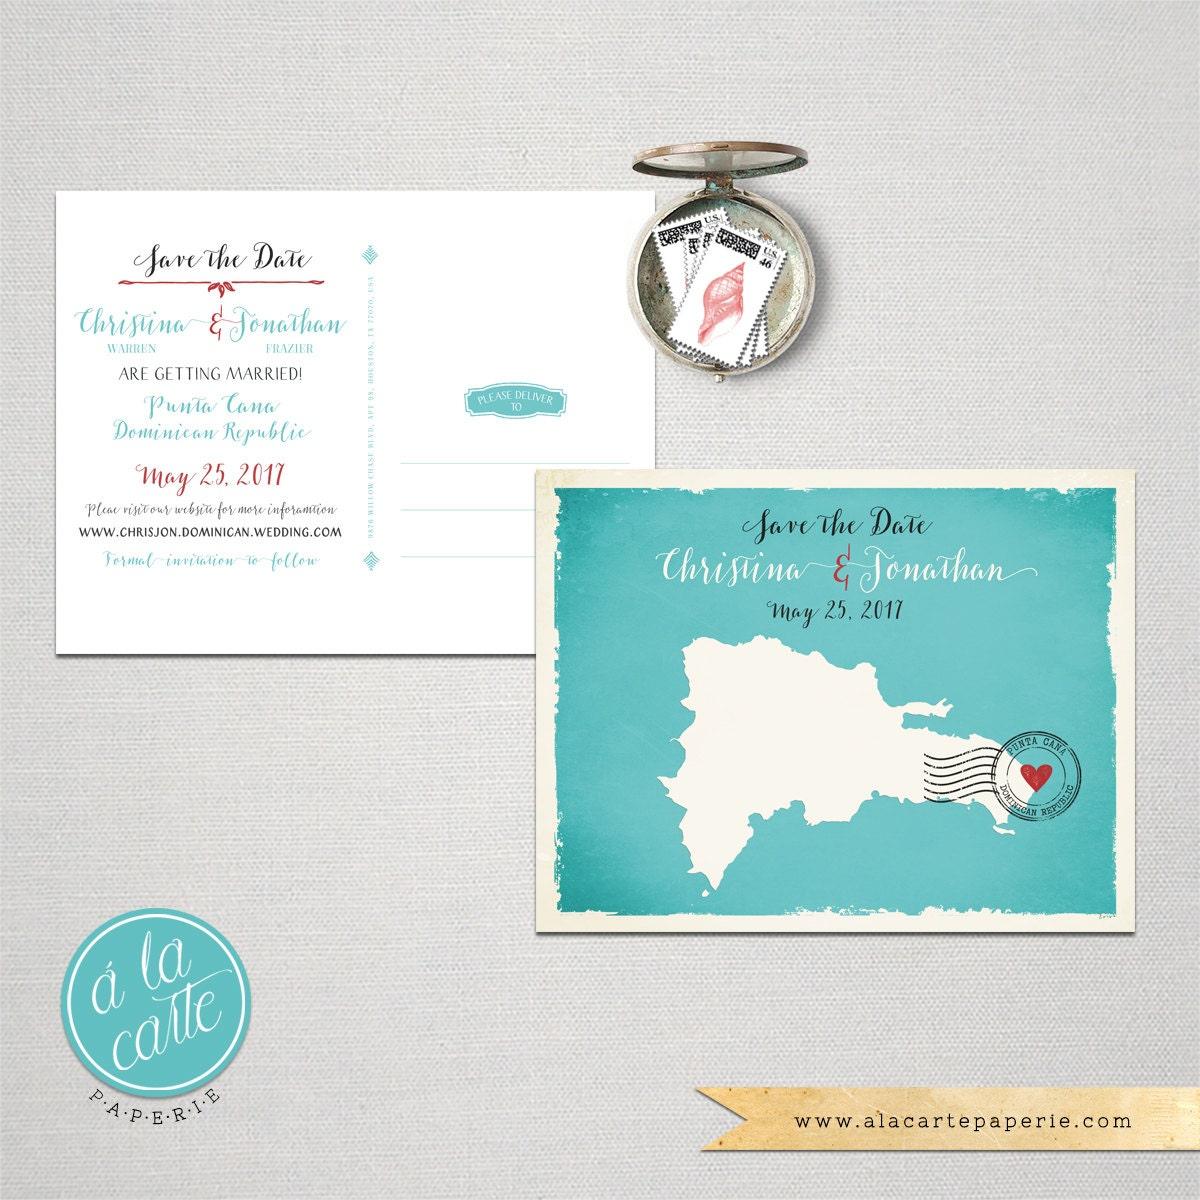 destination wedding invitation dominican republic punta cana With destination wedding invitations dominican republic